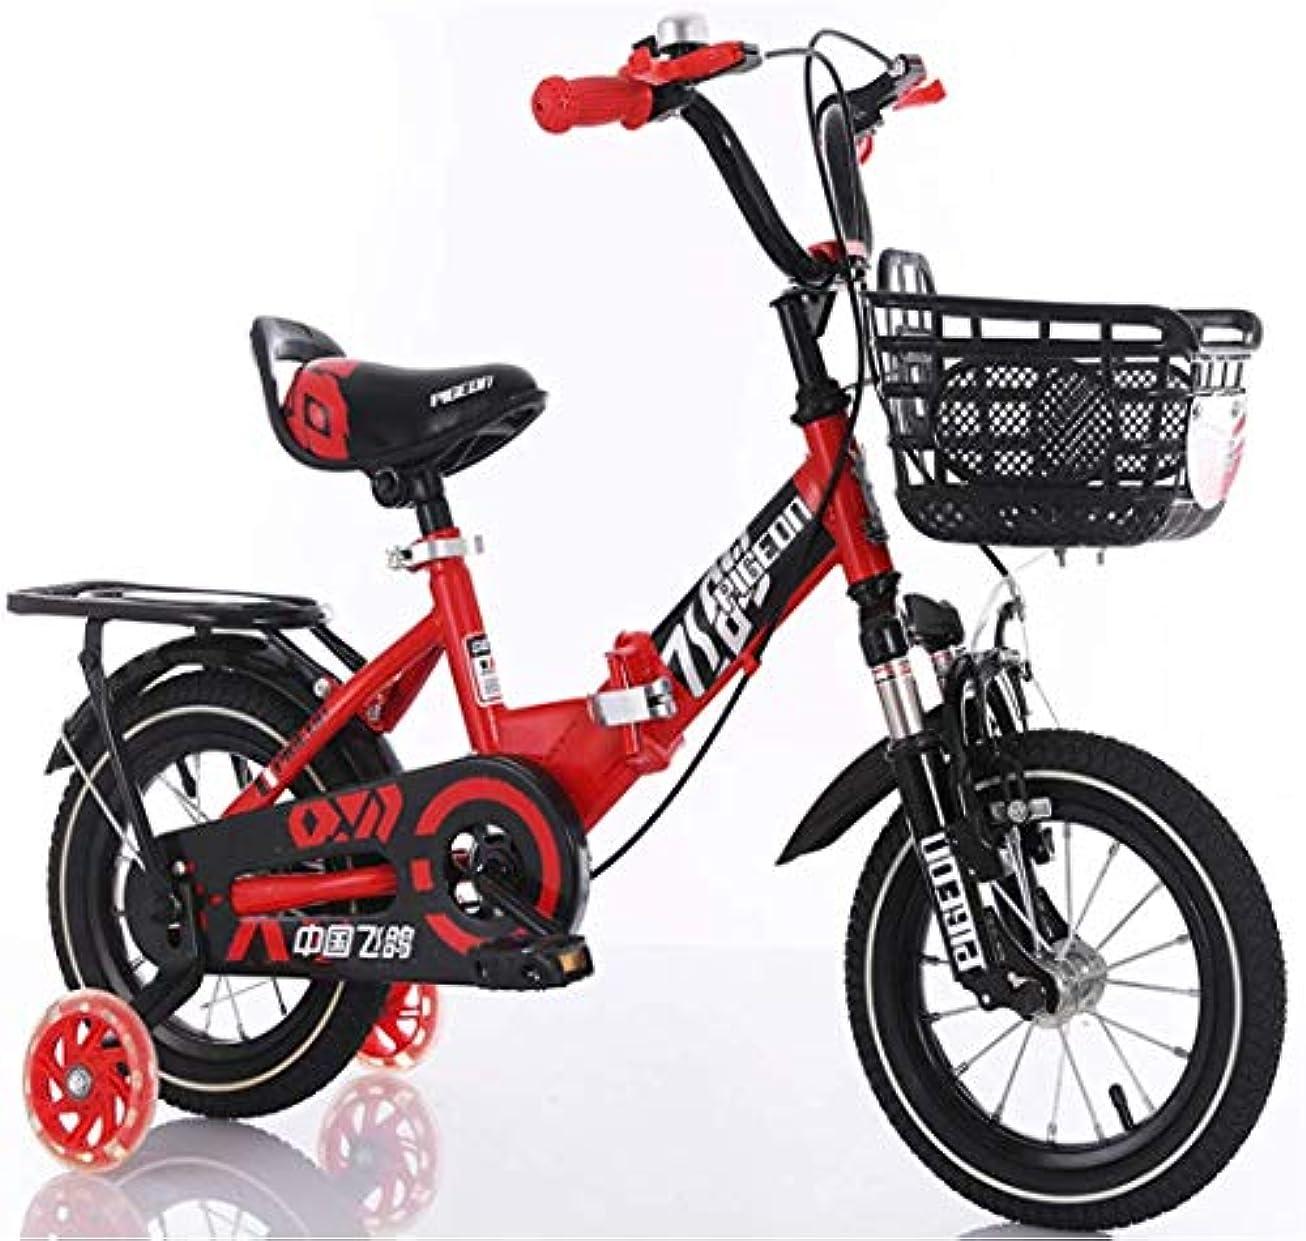 民間シンボル専門知識子供用安全自転車トレーニングホイールと前後のショックアブソーバーを備えた高炭素鋼自転車フレーム自転車